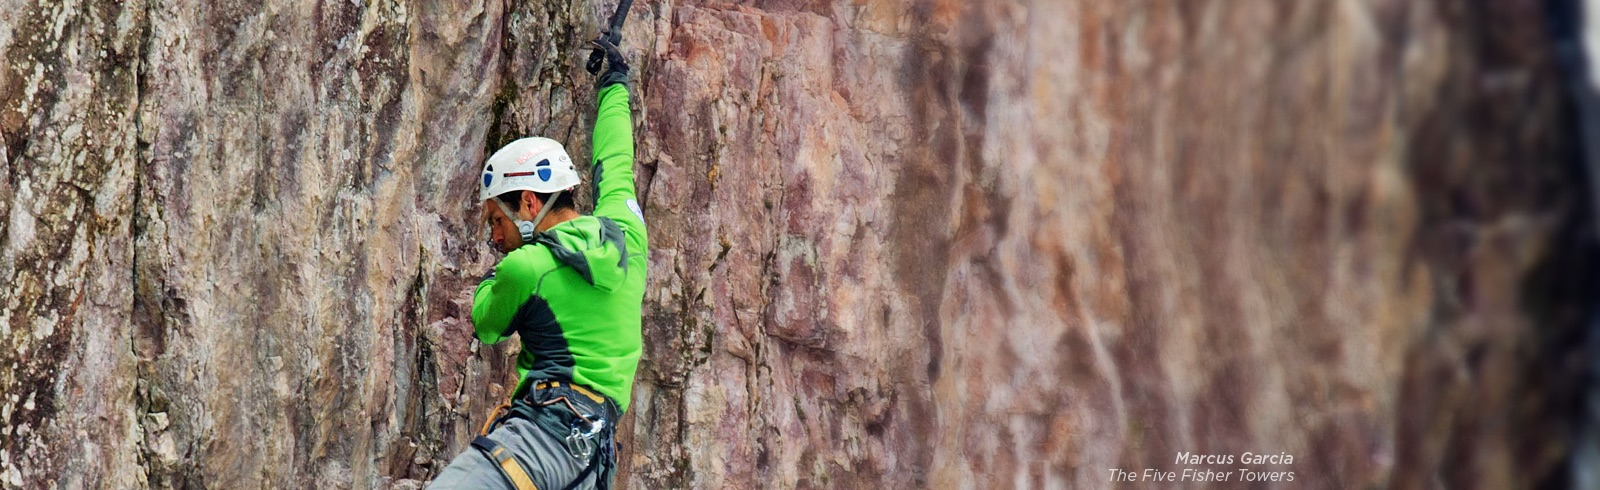 Sportdryck för klättring